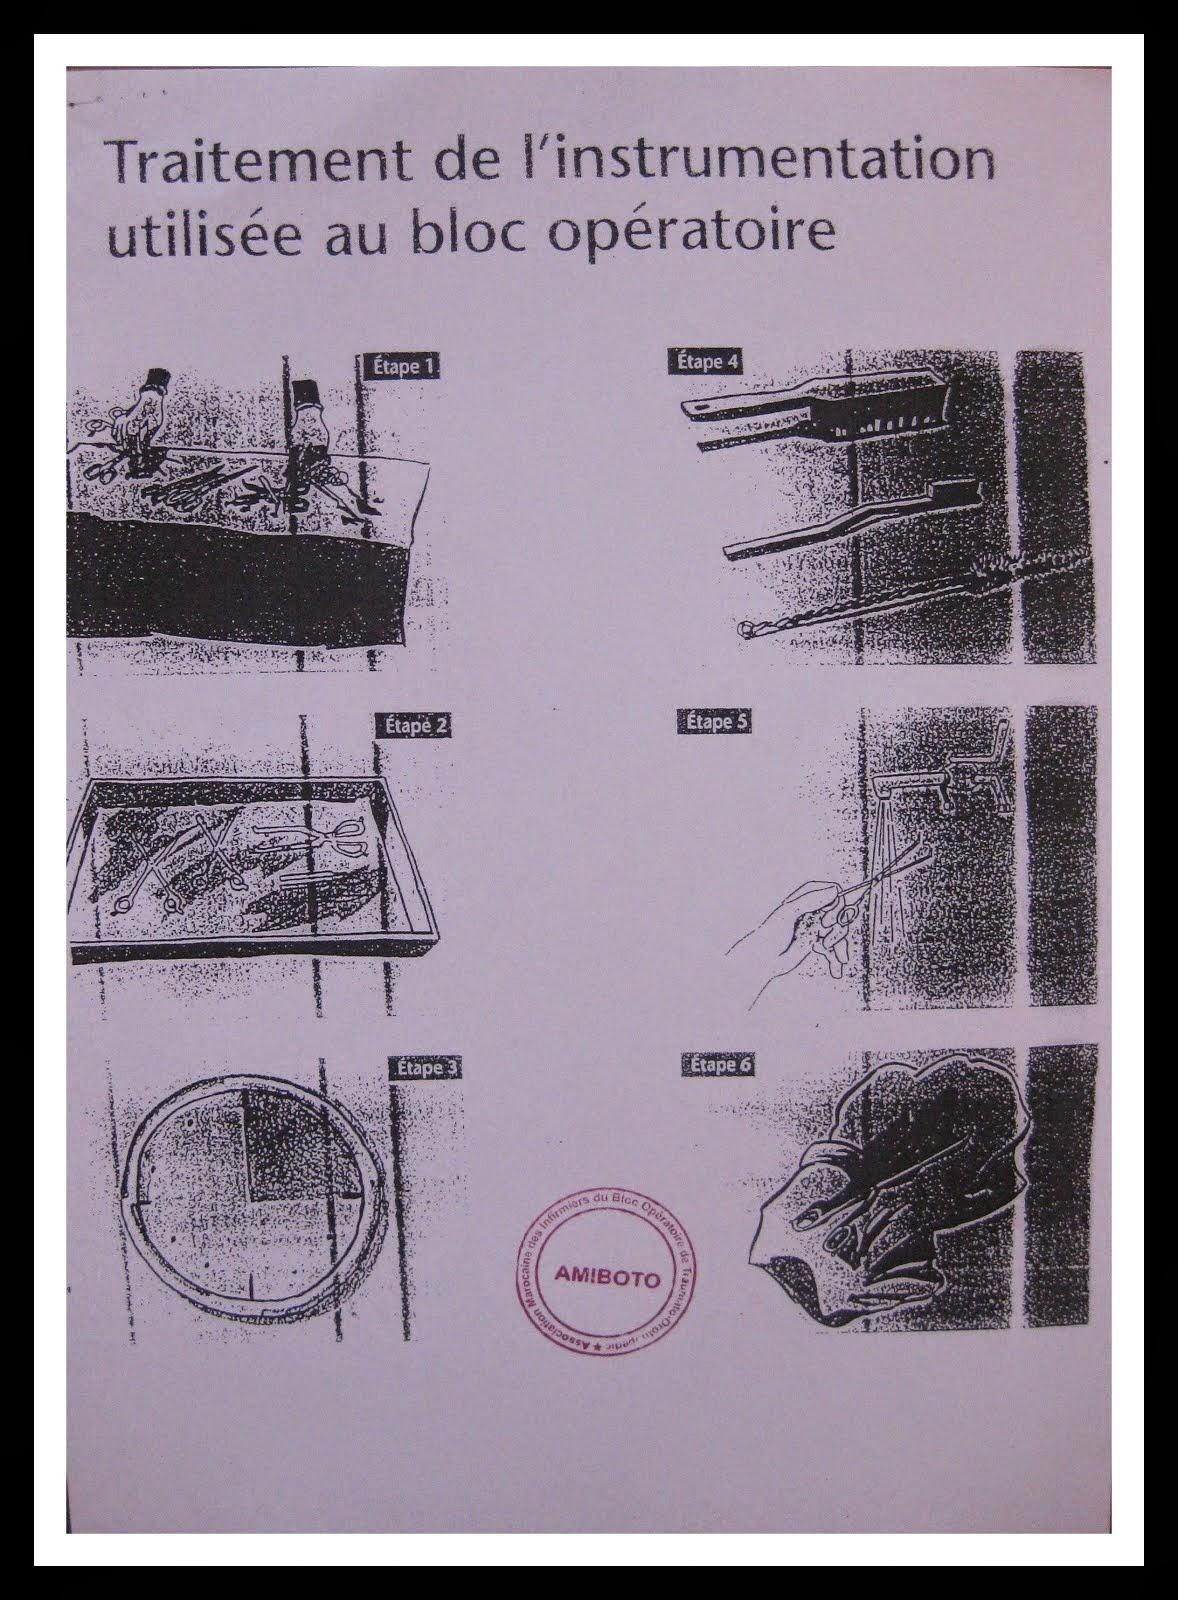 TRAITEMENT DE L INSTRUMENTATION UTILISEE AU BLOC OPERATOIRE